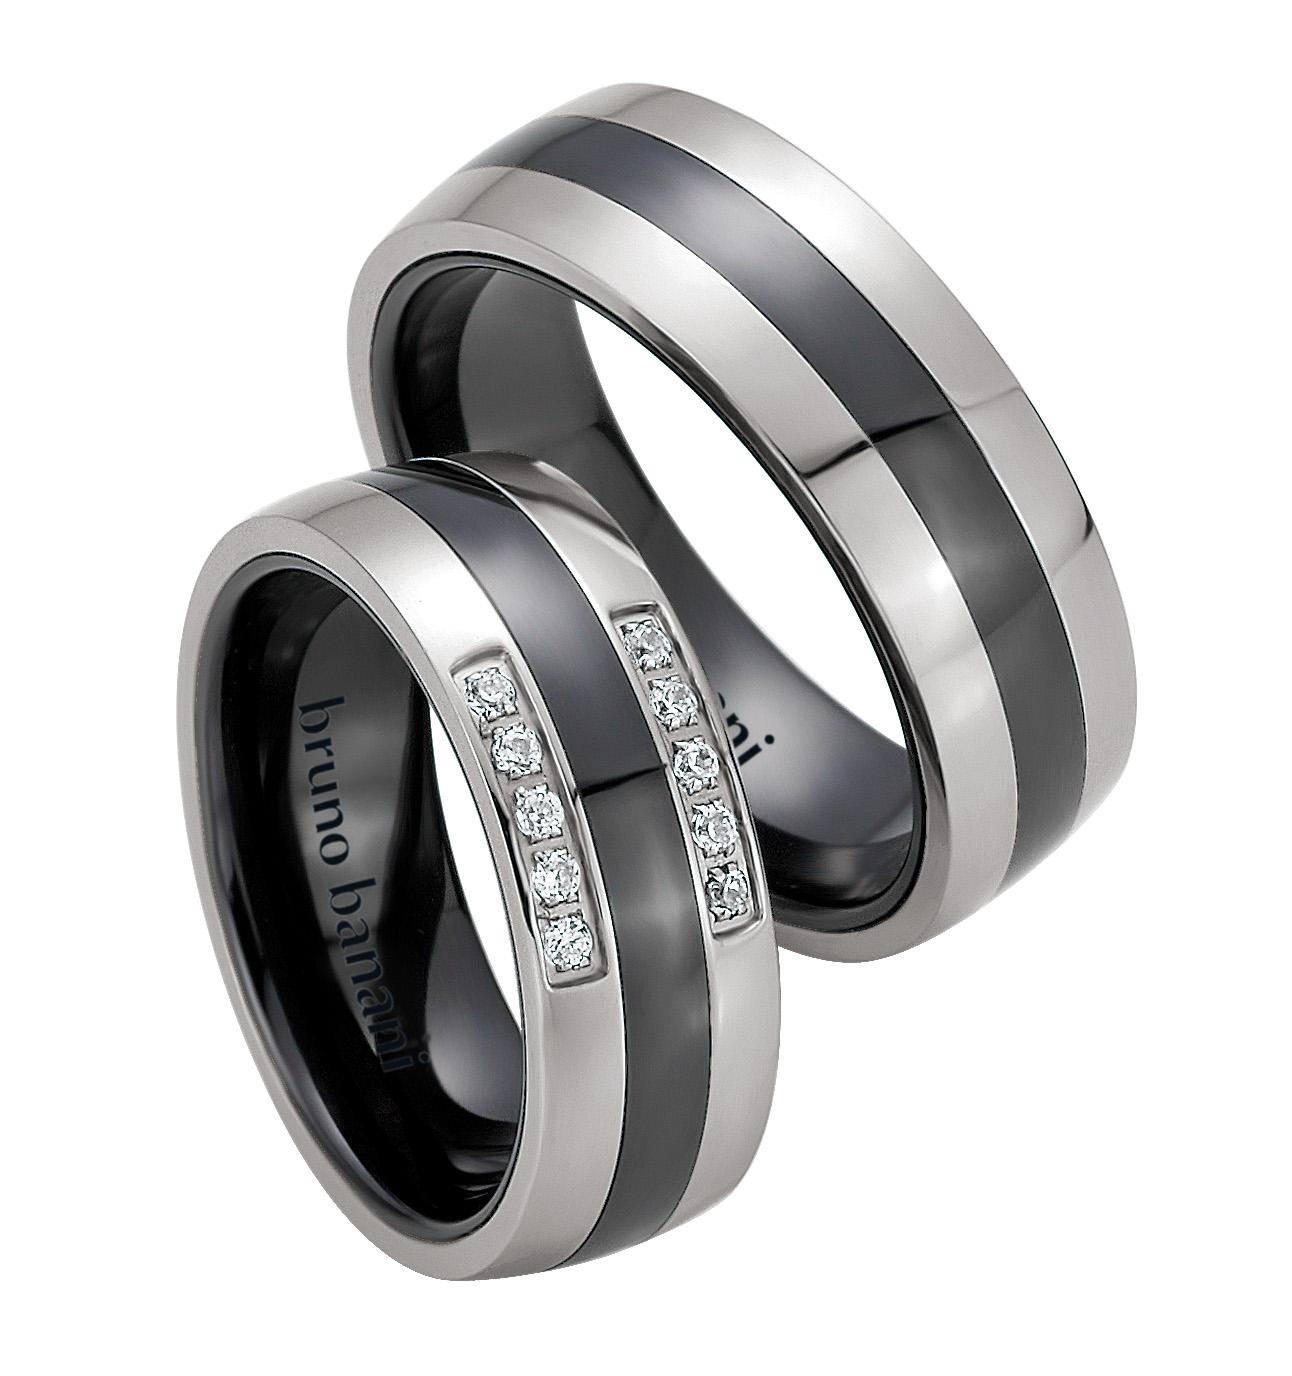 Bruno Banani Ceramic Ringe 44.84177 42.84177